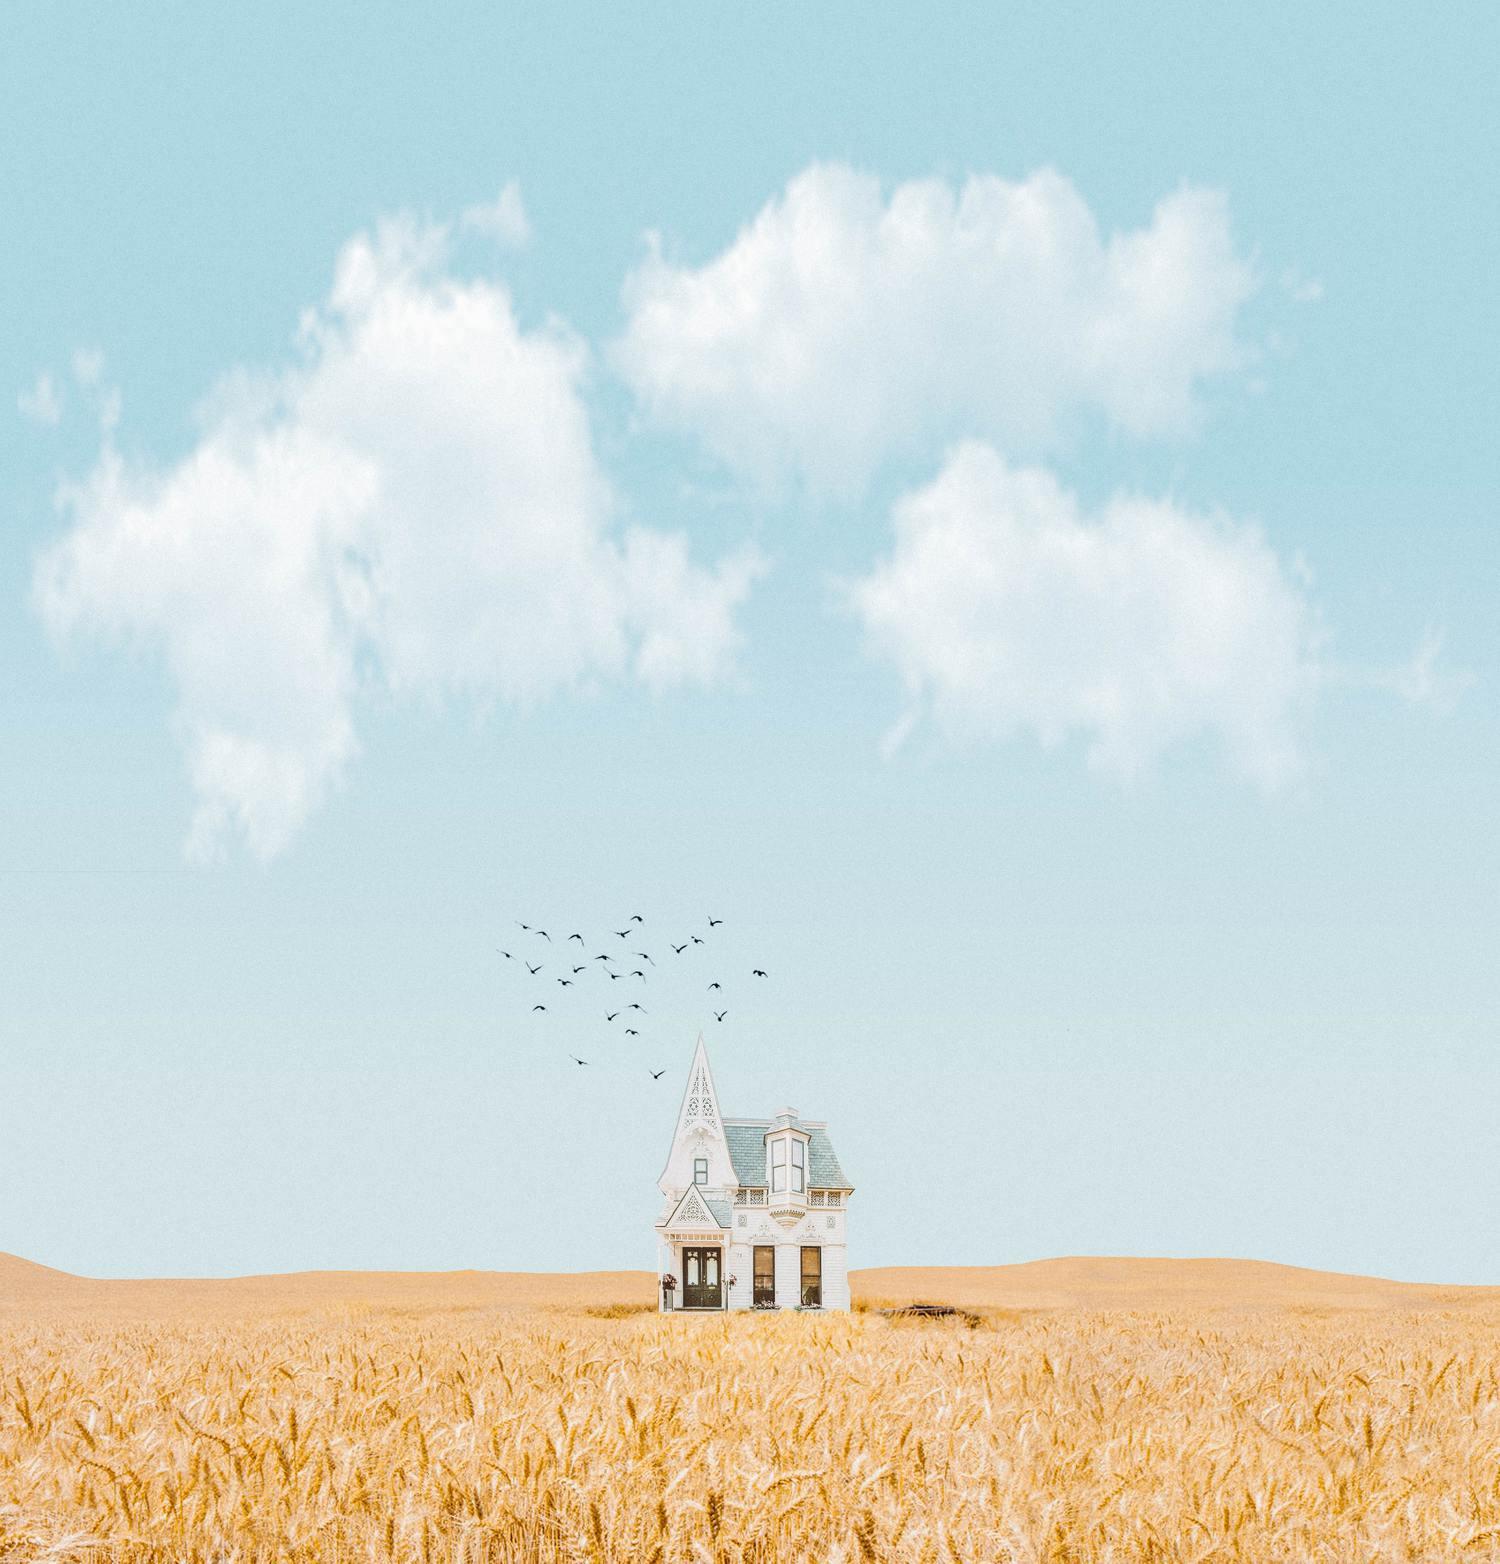 fotografía narrativa con composición minimalista